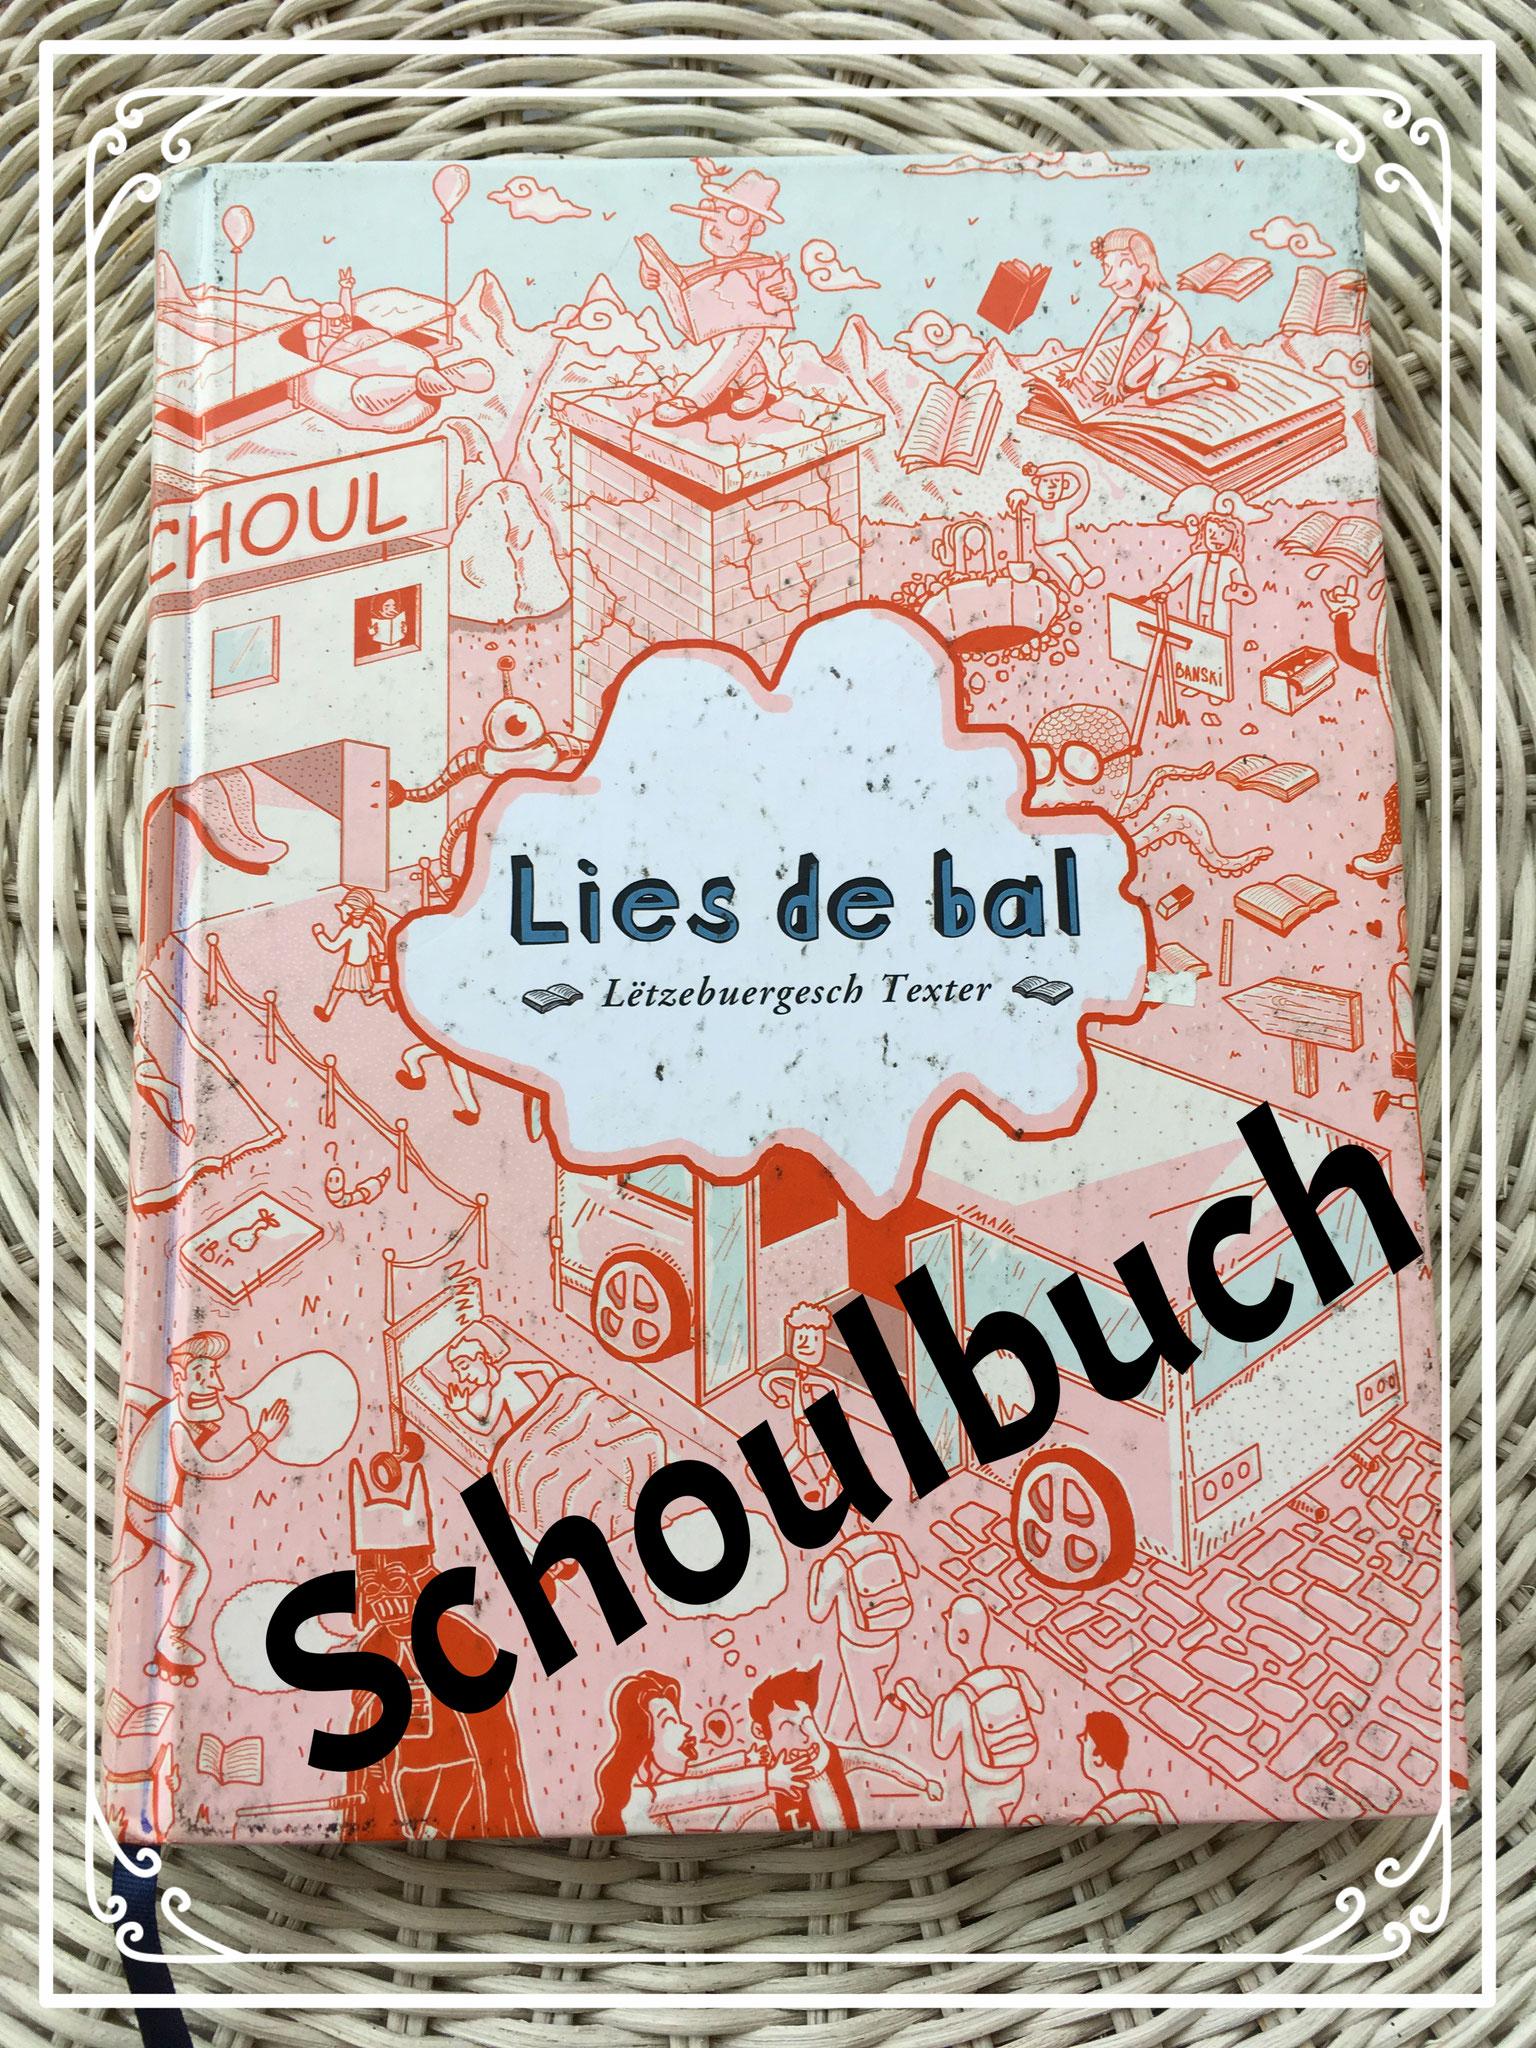 Schoulbuch Lycée